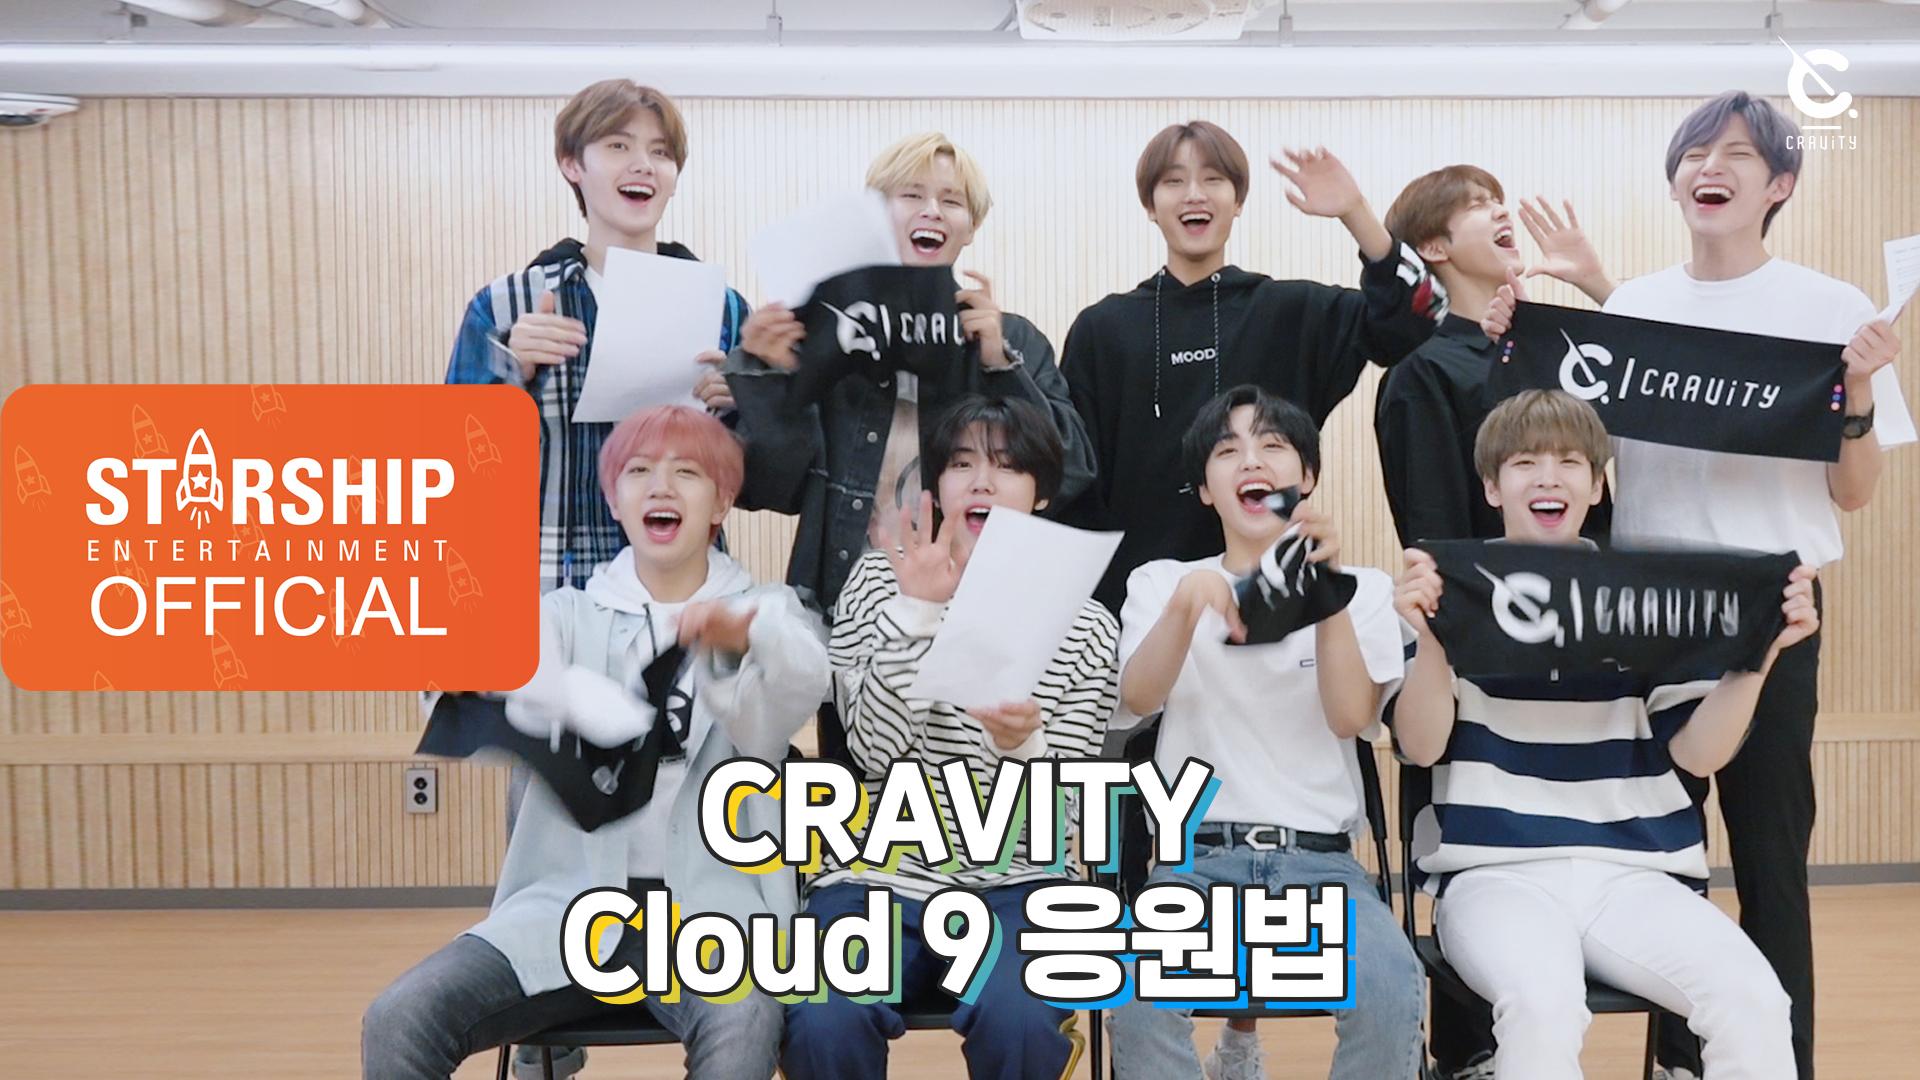 크래비티 (CRAVITY) - 'Cloud 9' 응원법 (Cheer Guide Video)